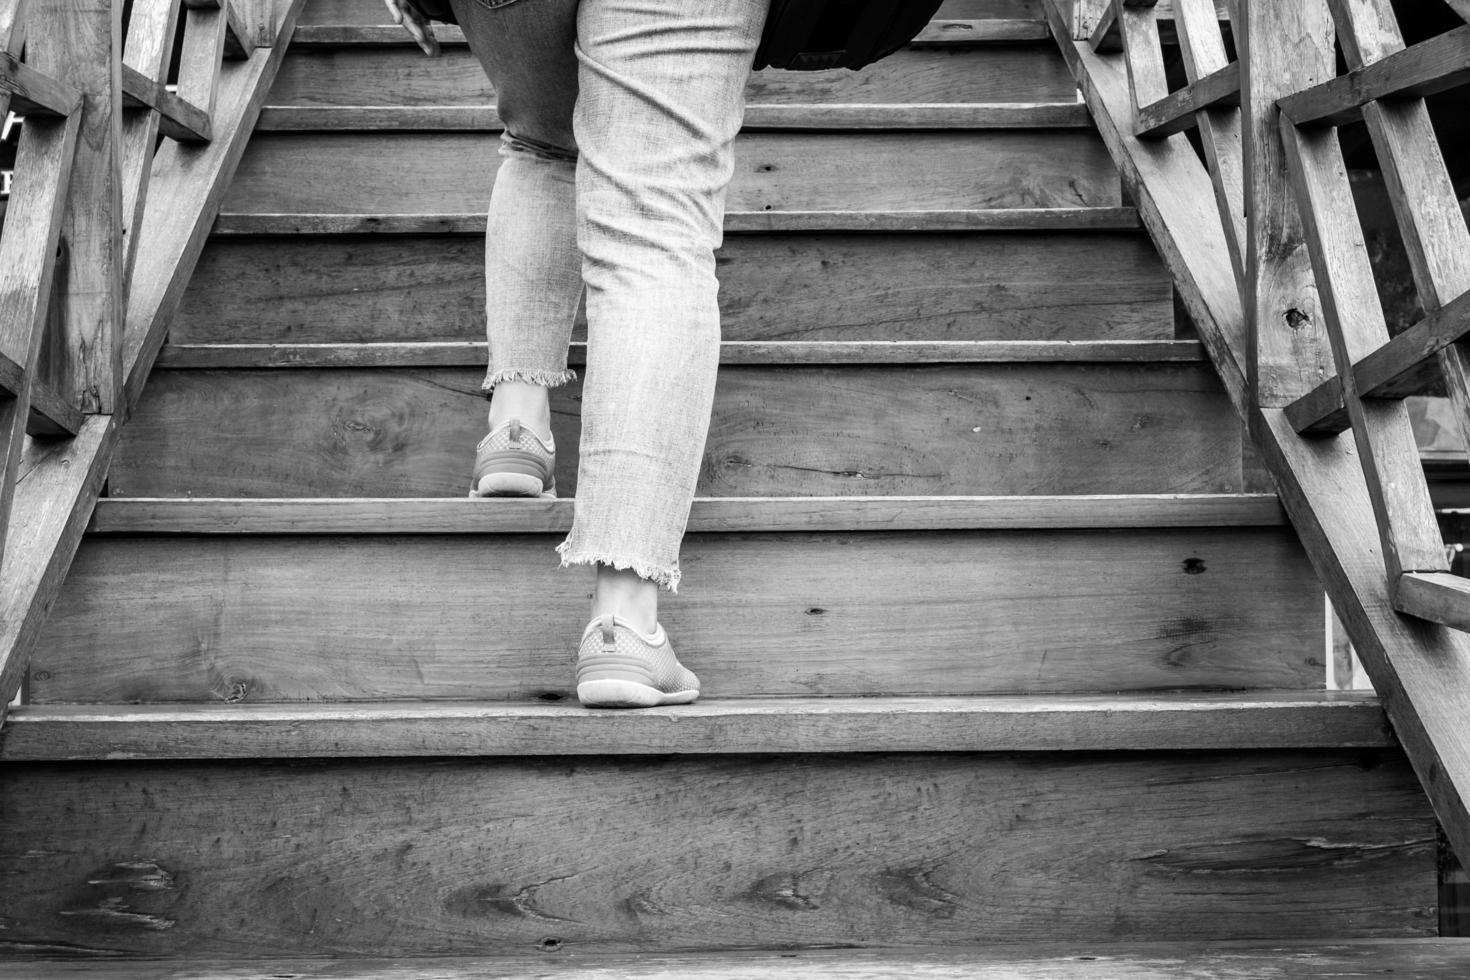 femme marchant dans les escaliers photo